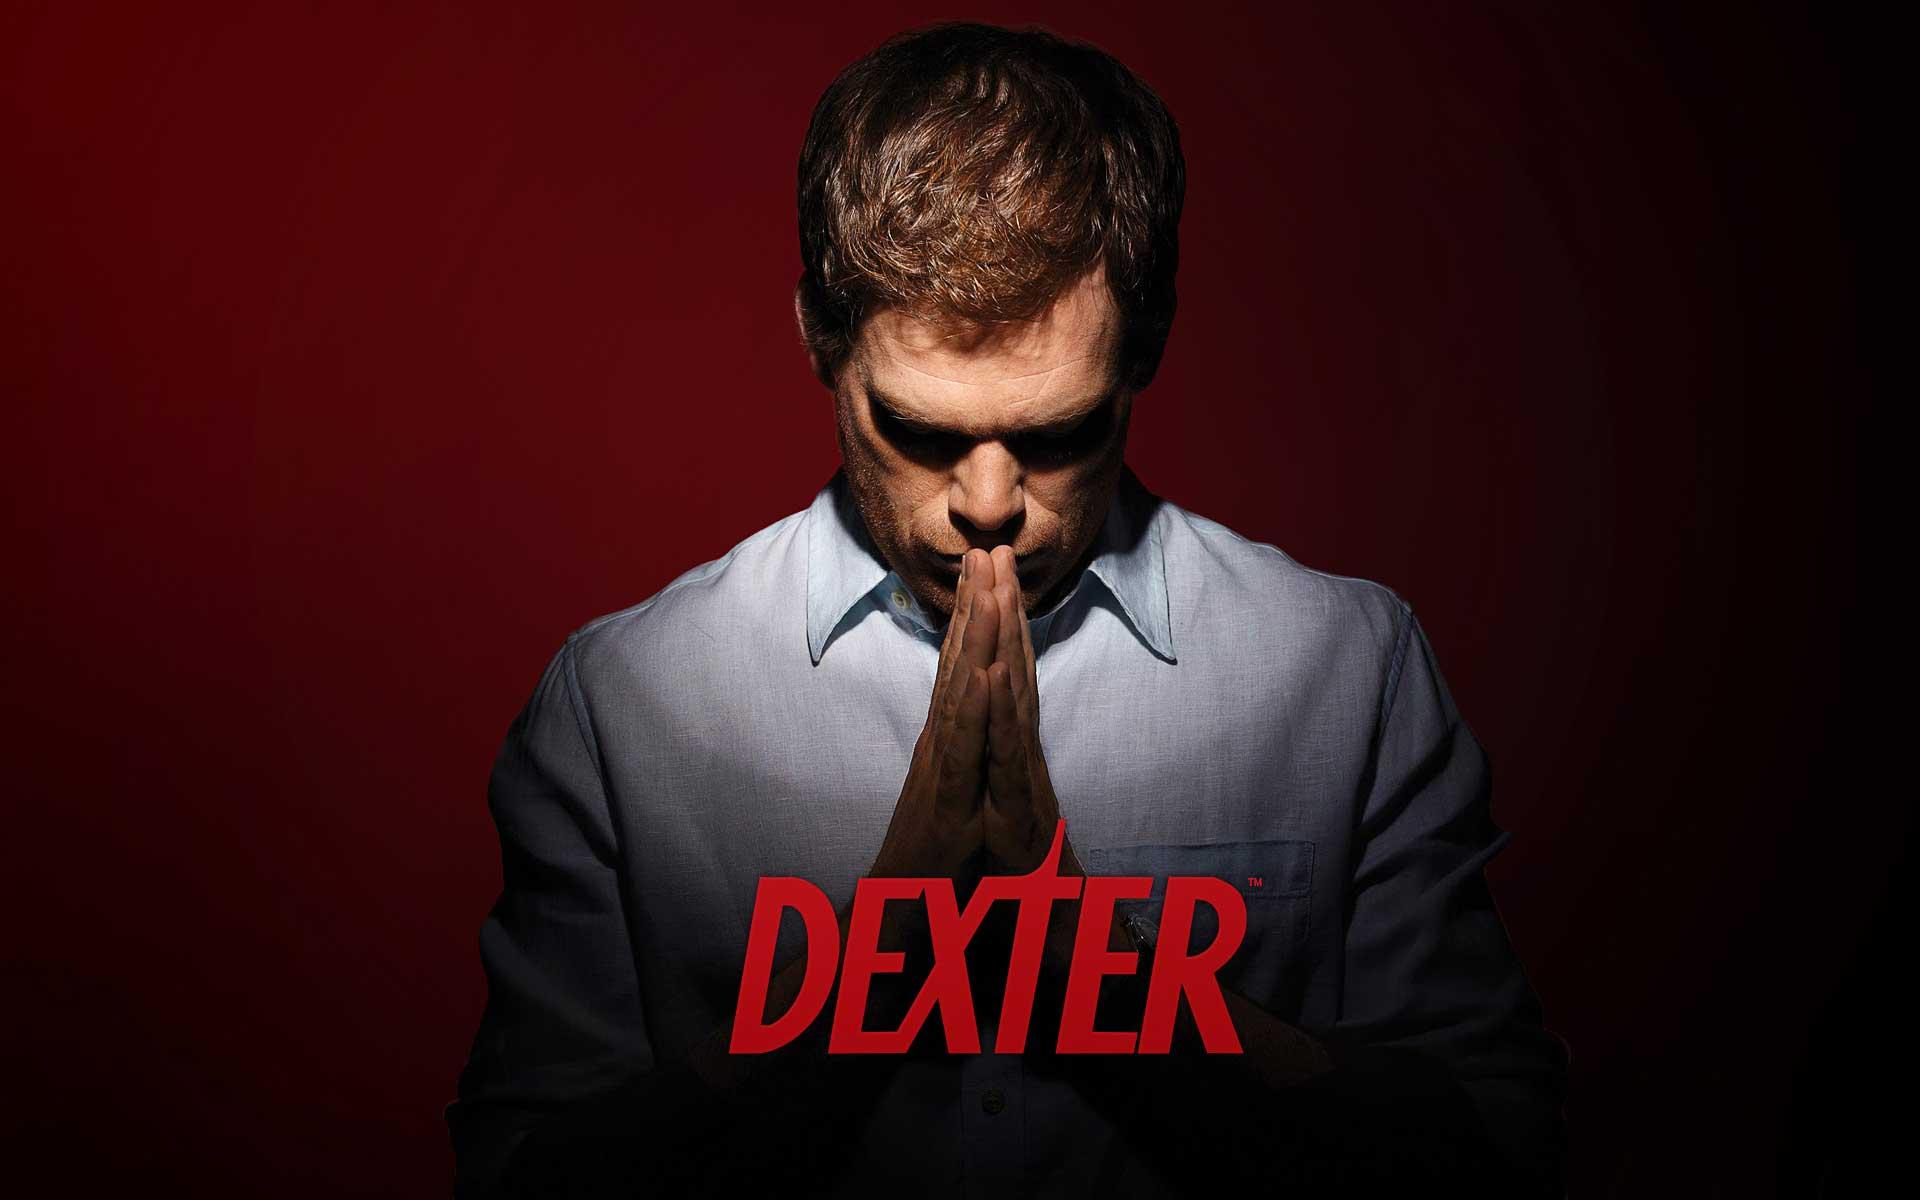 Dexter 1920x1200